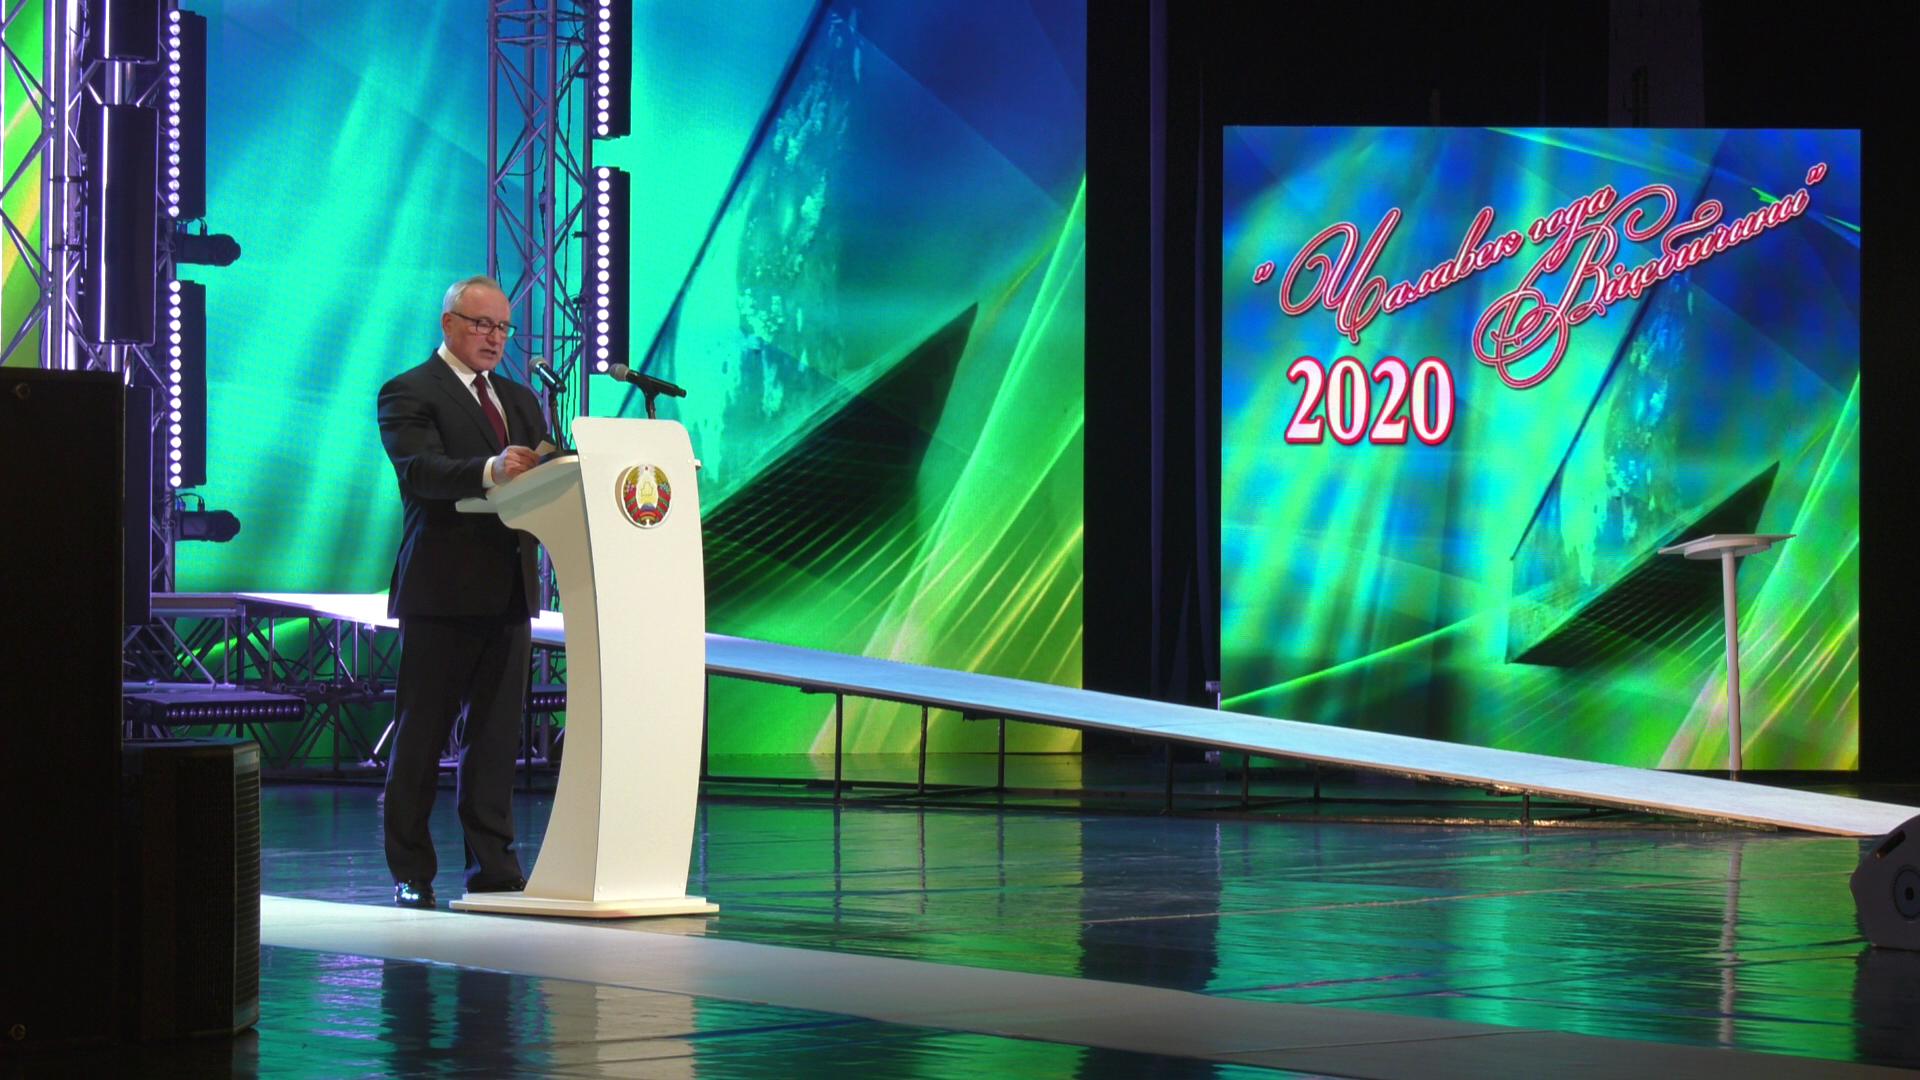 chelovek goda 1 - В Витебске чествовали лауреатов звания «Человек года Витебщины-2020» (видео)